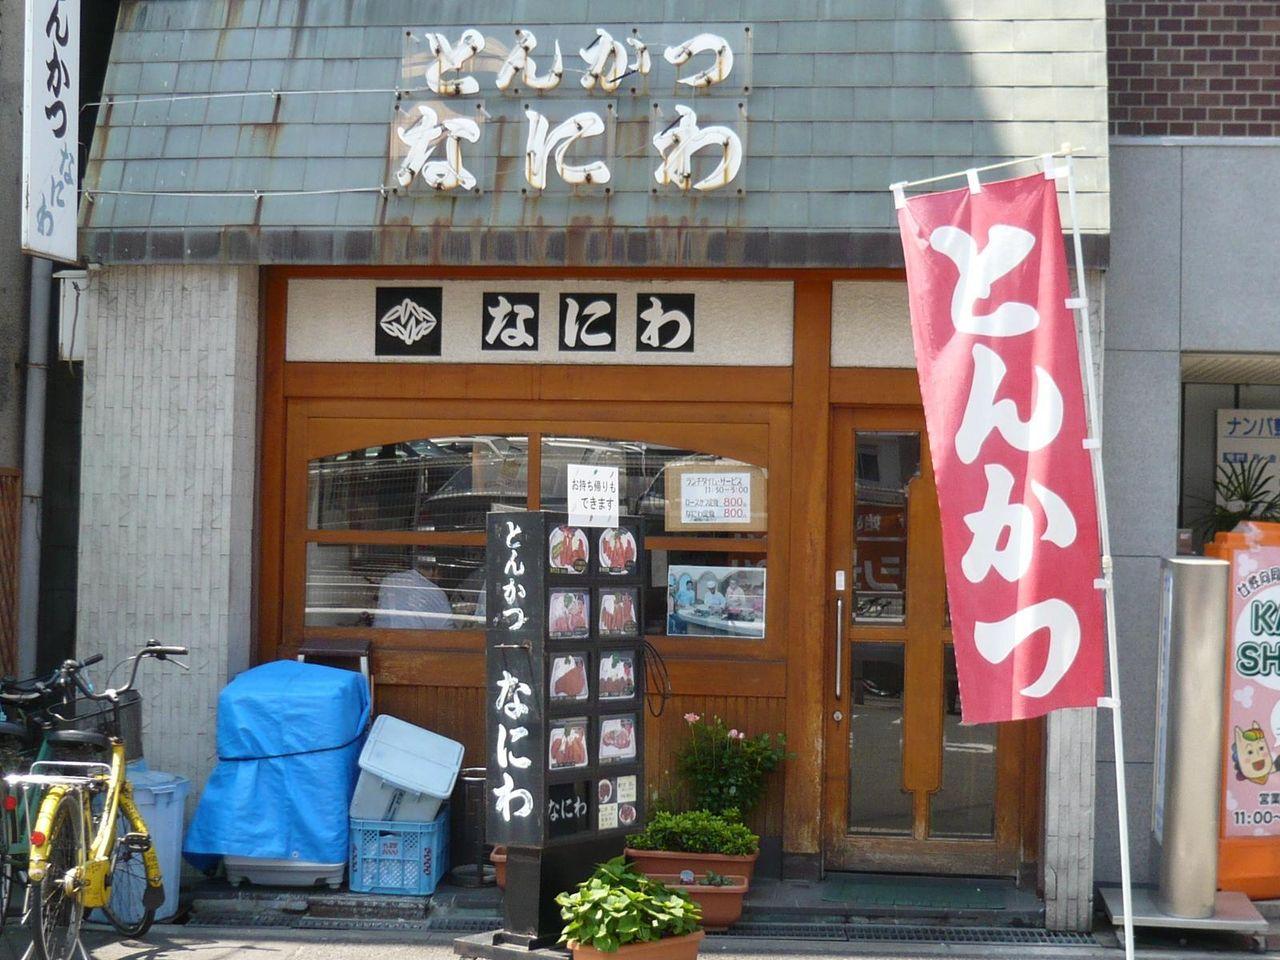 カツ茶漬け800円も食べられる、とんかつなにわ!